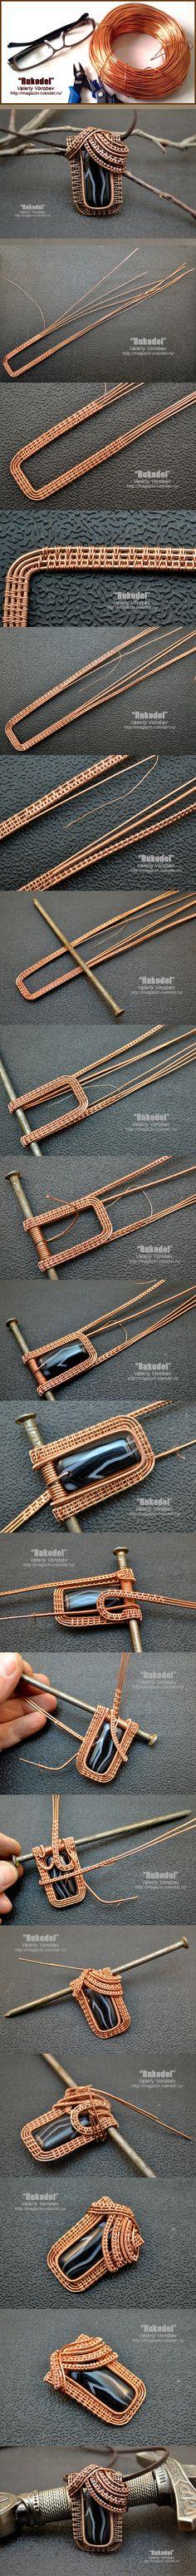 Nicht nur dieses Schmuckstück - auch viele weitere auf dieser Seite bieten faszinierende Einblicke in die Technik des Wire-Work.